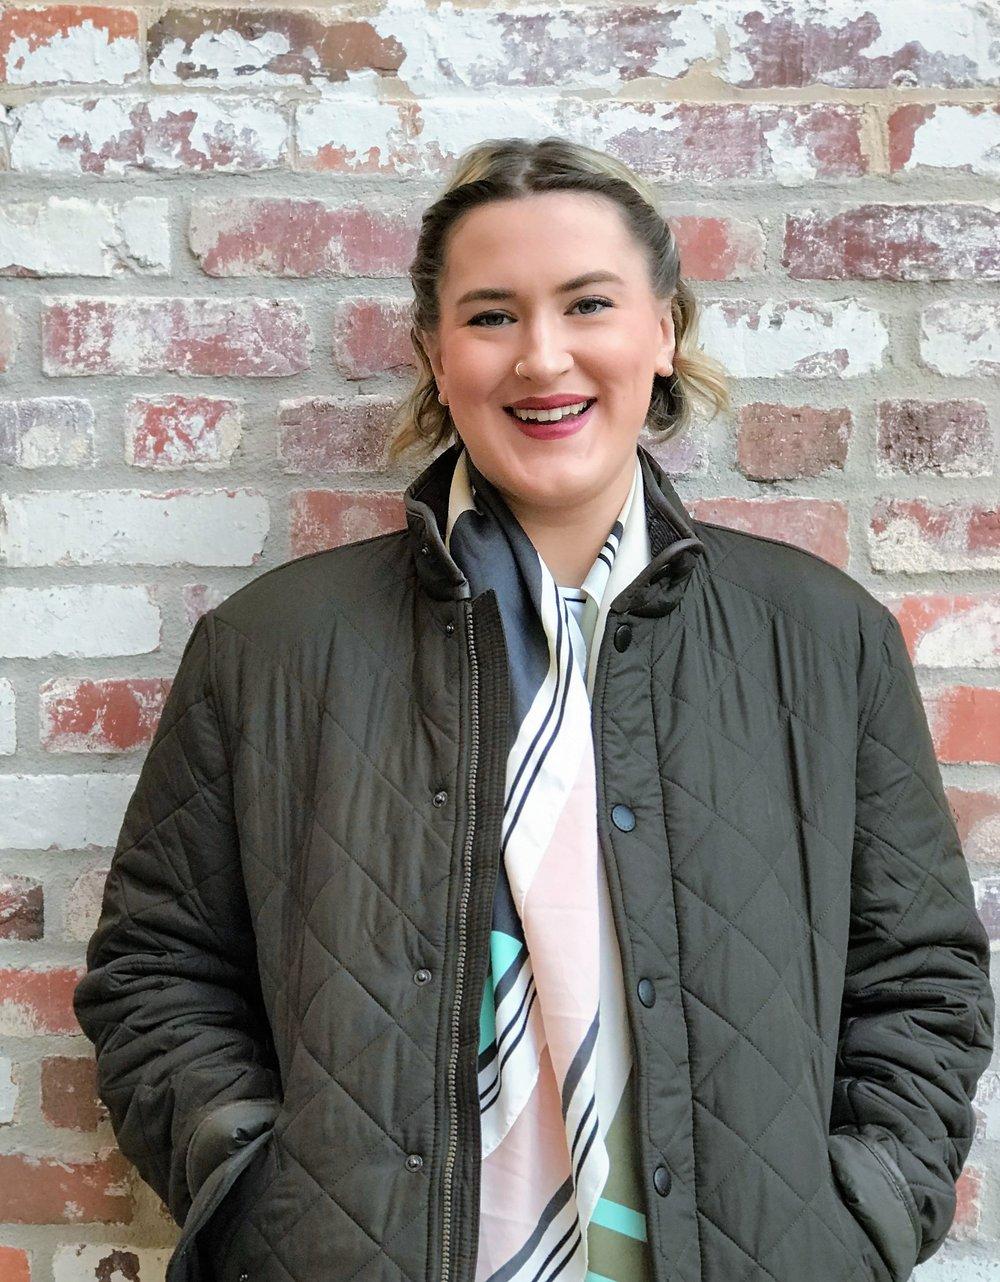 Brick Wall - Lillianne Daniels.jpeg